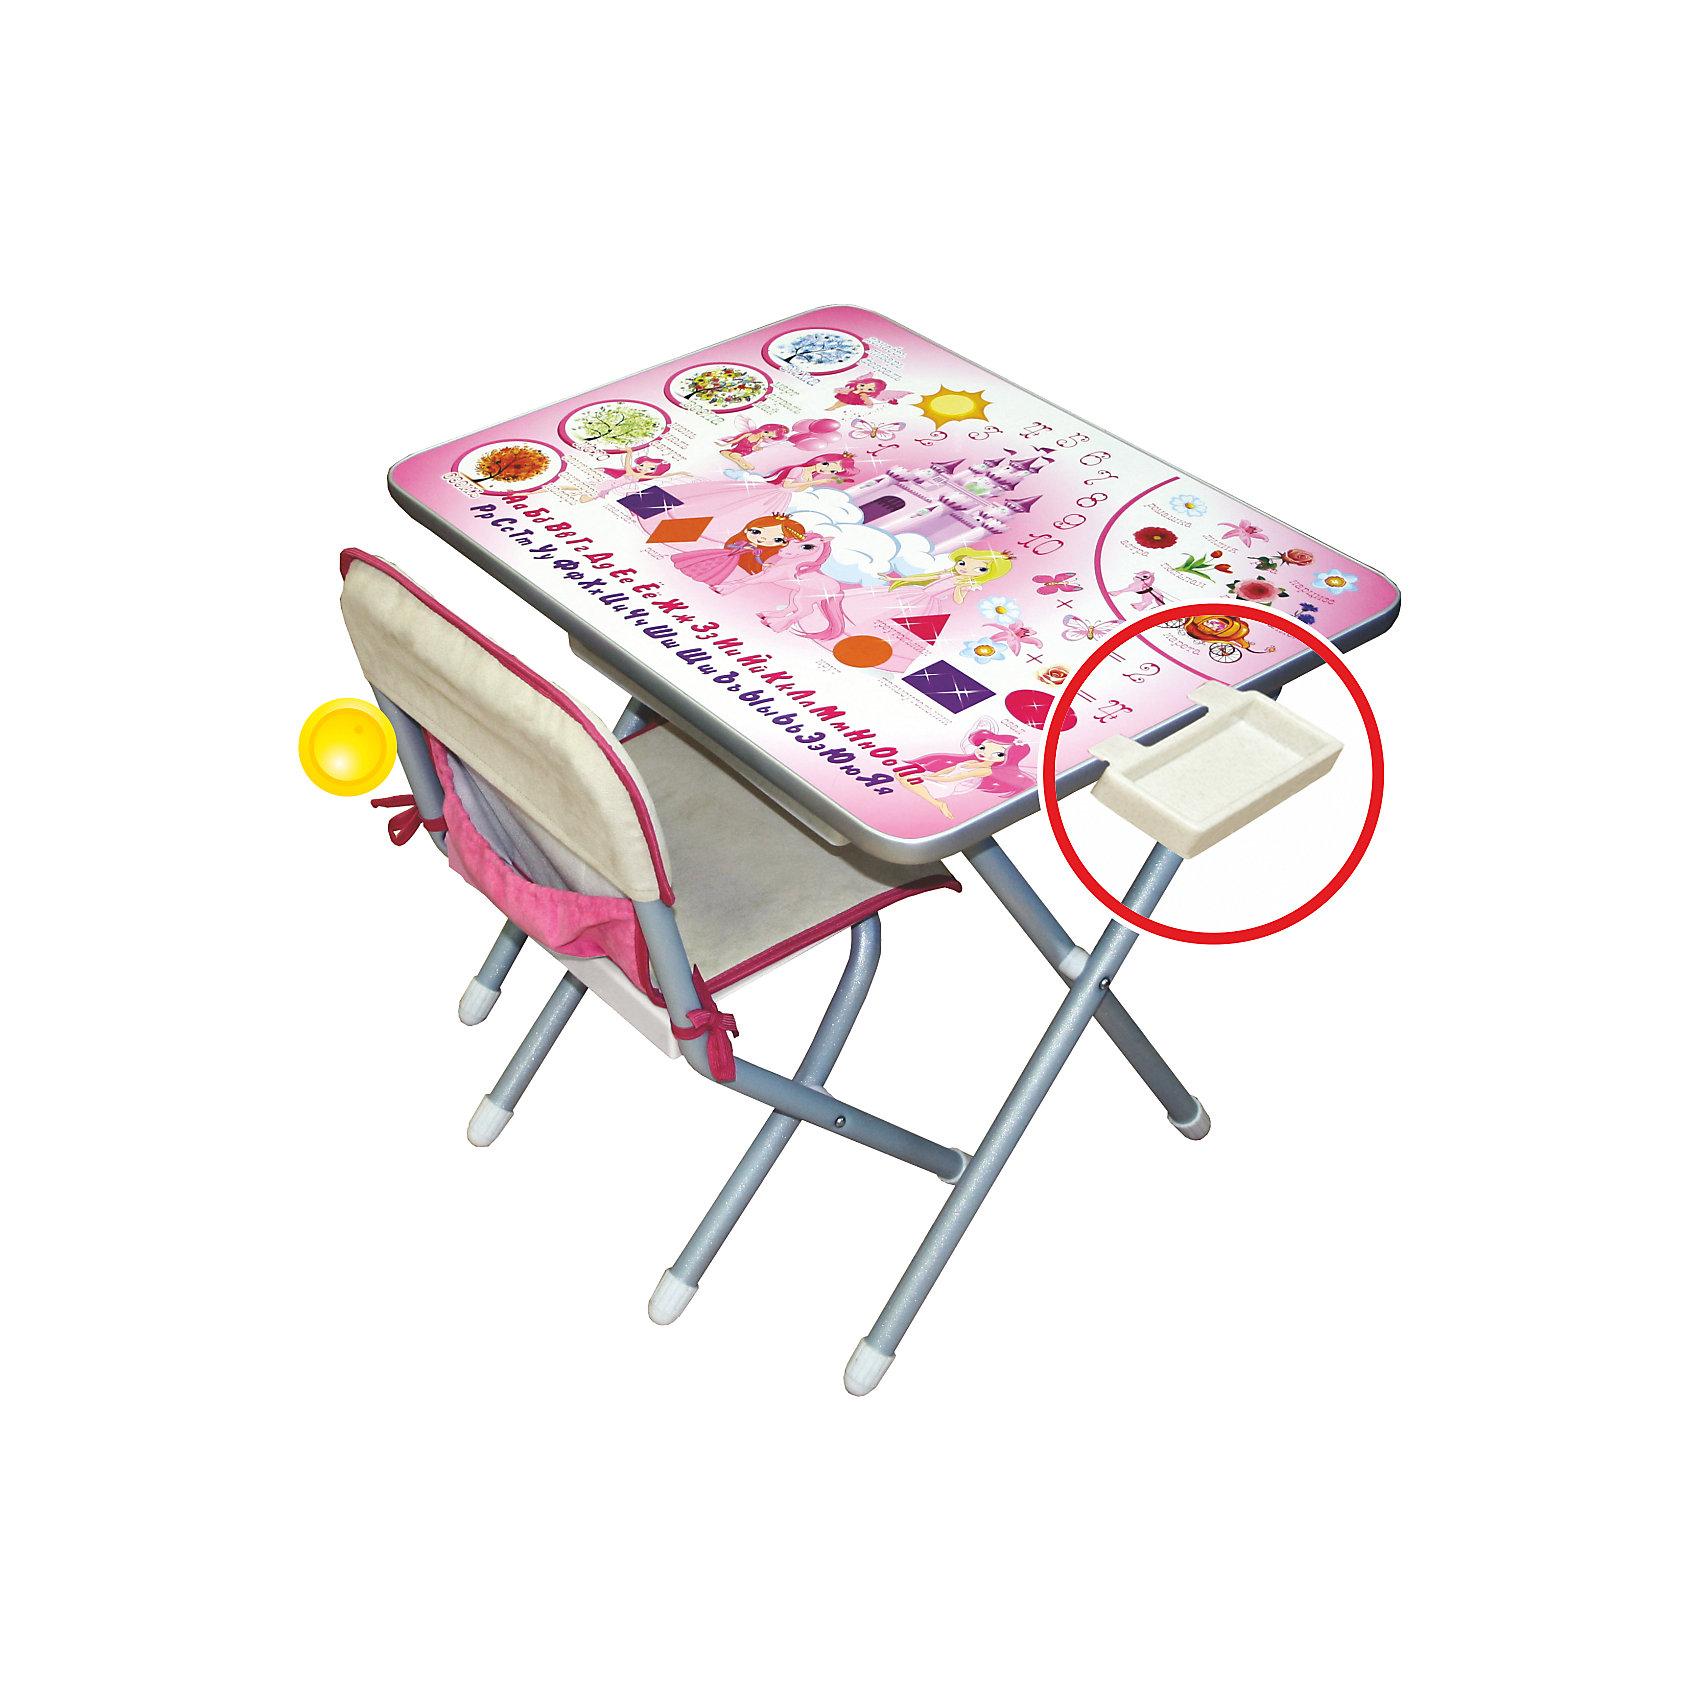 Серебряный набор мебели Принцессы (1,5-5 лет), ДэмиНабор предназначен для детей с 1,5 до 5 лет. Набор состоит из стола и стульчика, и идеально подходит для организации детских игр и занятий, как в дошкольных учреждениях, так и для домашнего использования. <br>В комплекте также мягкий велюровый чехол на стульчик, а стол оснащен маленьким пеналом для ручек и карандашей.<br><br>Поверхность столешницы ламинированная, ее легко мыть и чистить. На столешницу нанесен яркий, красивый обучающий рисунок, позволяющий Вашему ребенку познакомиться с миром букв и цифр. После занятий при необходимости его можно сложить и убрать, что позволяет использовать его даже в малогабаритных помещениях. <br><br>Размеры столешницы - 450Х600 мм. <br>Высота до плоскости столешницы - 460 мм. <br>Высота по сиденью - 260 мм. <br>Высота верхнего края спинки - 240 мм. <br>Допустимая нагрузка на сиденье - не более 30 кг. <br><br>Набор в серебристом цвете, идеально подходит для детских комнат в нежных пастельных тонах.<br><br>Ширина мм: 150<br>Глубина мм: 740<br>Высота мм: 640<br>Вес г: 8500<br>Возраст от месяцев: 18<br>Возраст до месяцев: 60<br>Пол: Женский<br>Возраст: Детский<br>SKU: 3247882